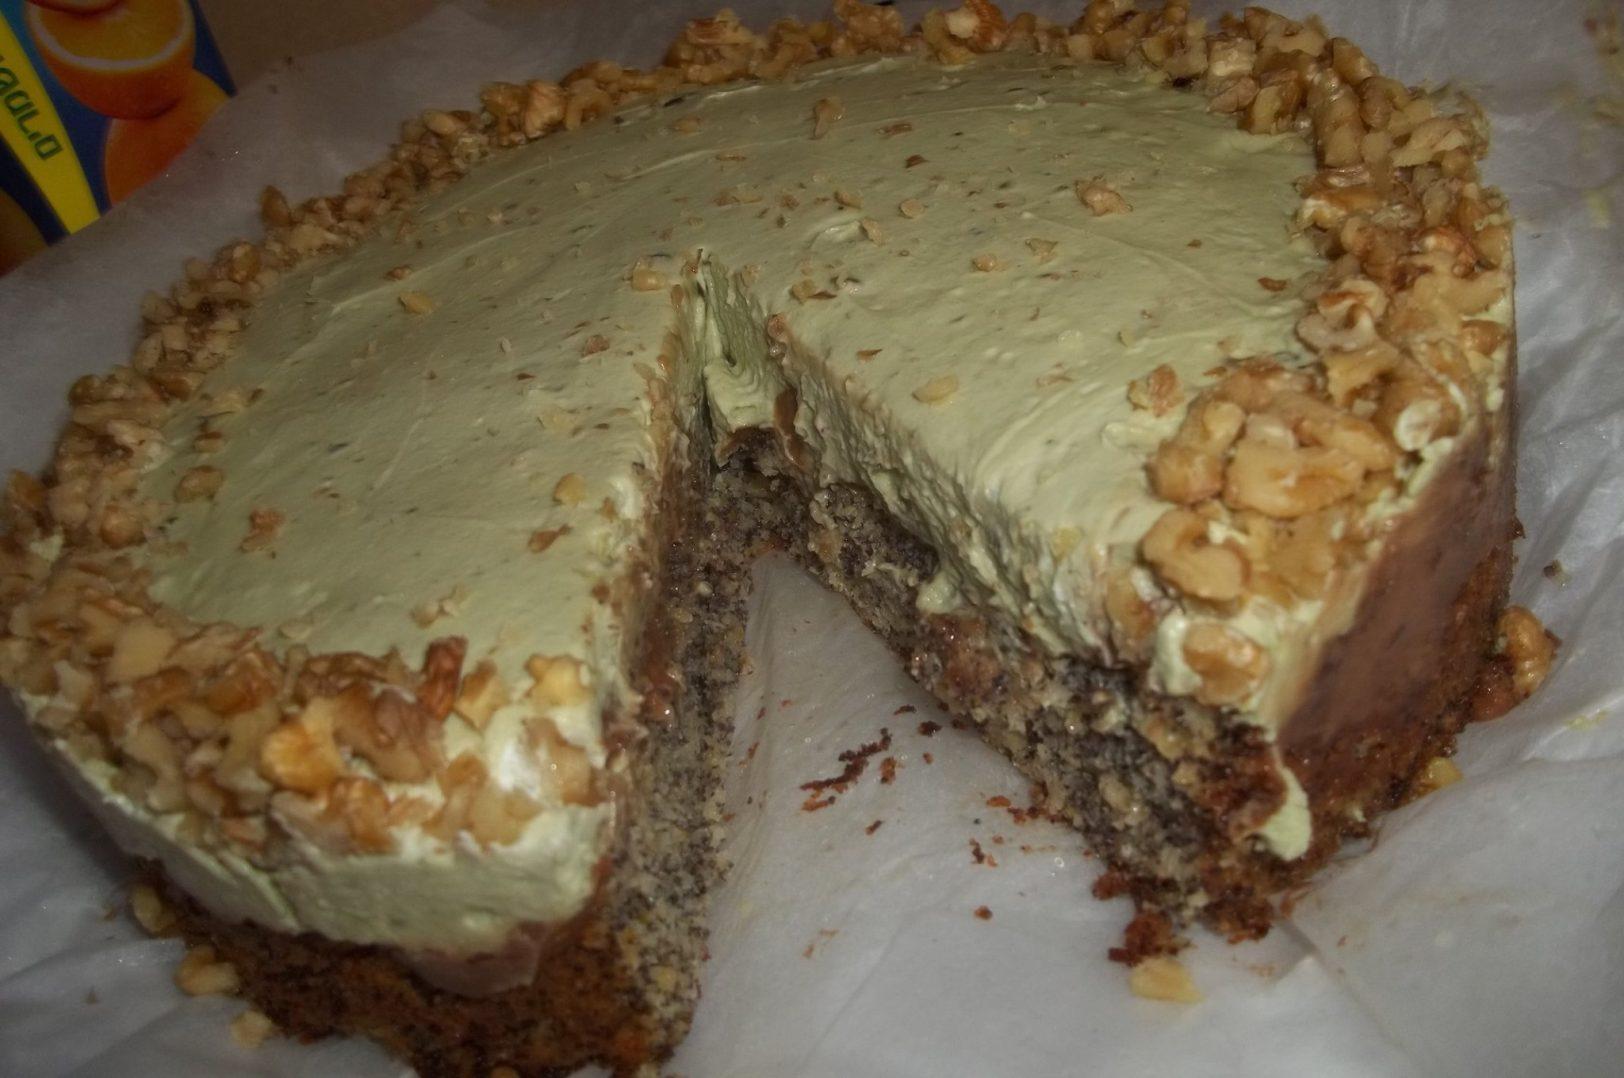 עוגת פרג ומחית פיסטוקים מזמינה ומיוחדת